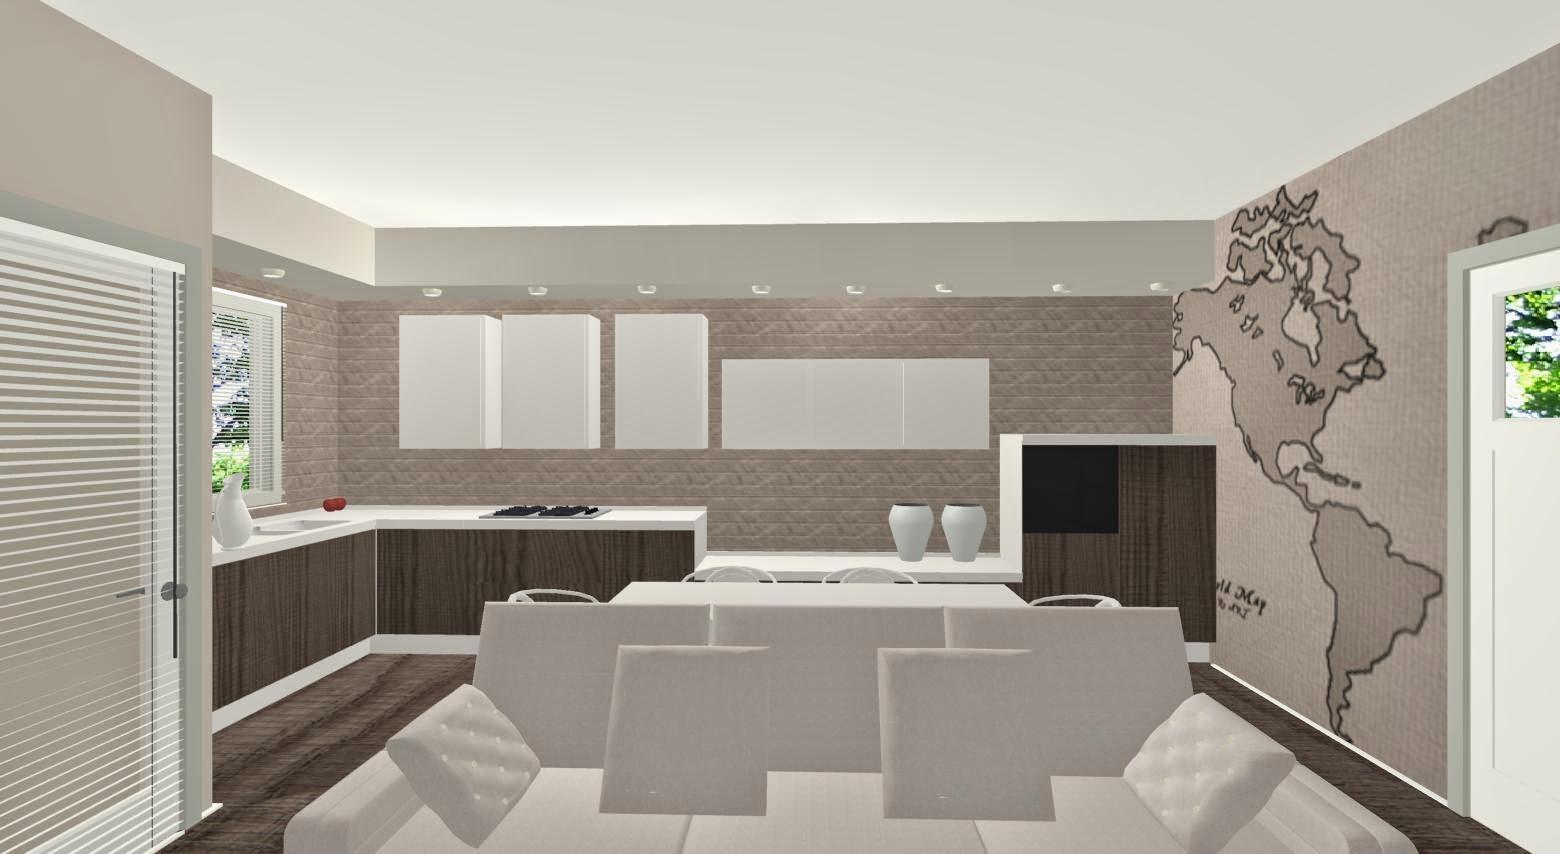 arredare un ambiente unico - Ambiente Unico Cucina Salotto 2